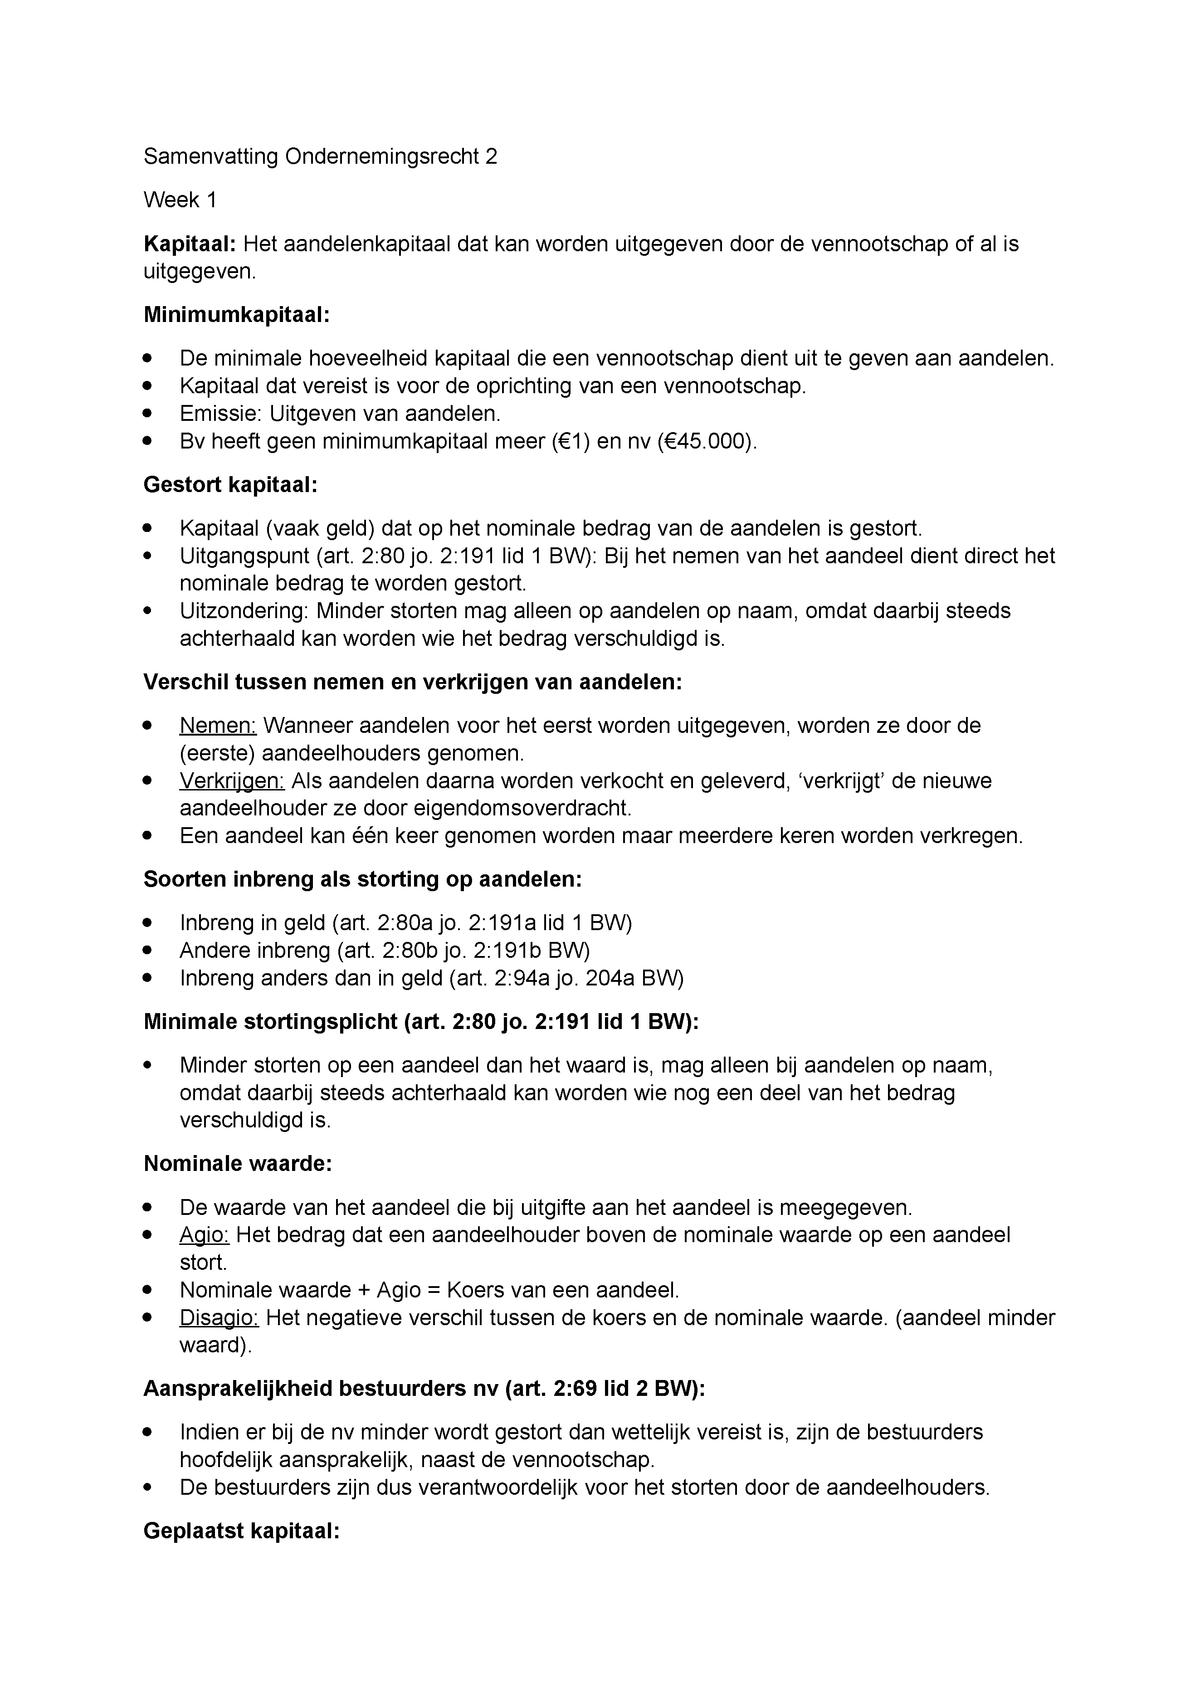 Naamloze vennootschap / Besloten vennootschap